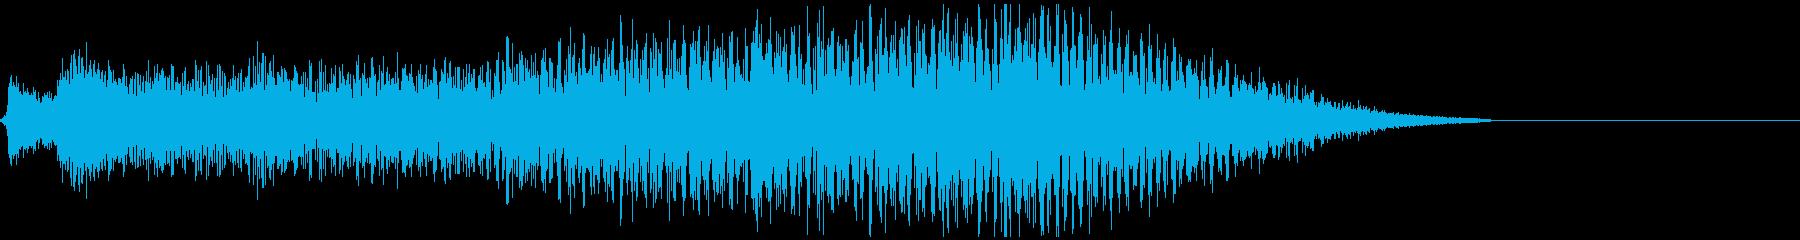 5秒CM用、セール、イベント告知verBの再生済みの波形